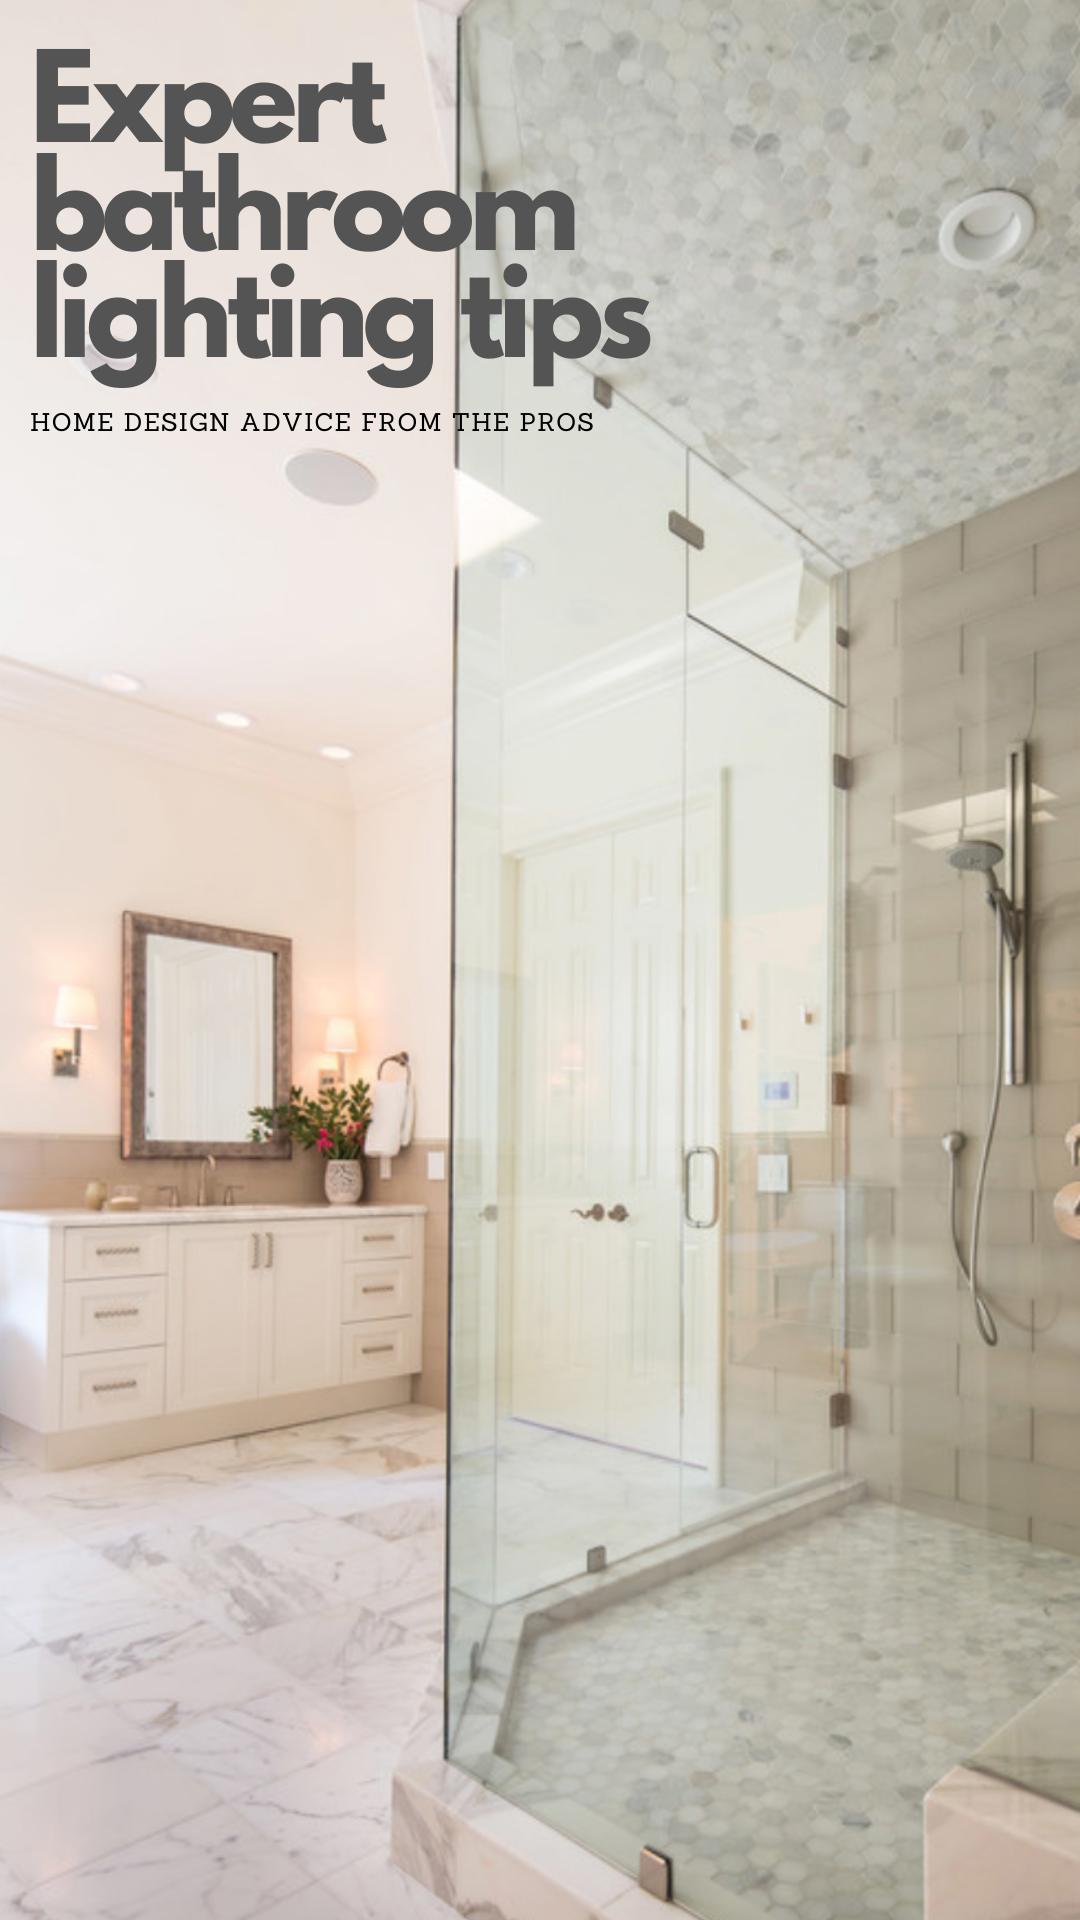 10 Expert Bathroom Lighting Tips From